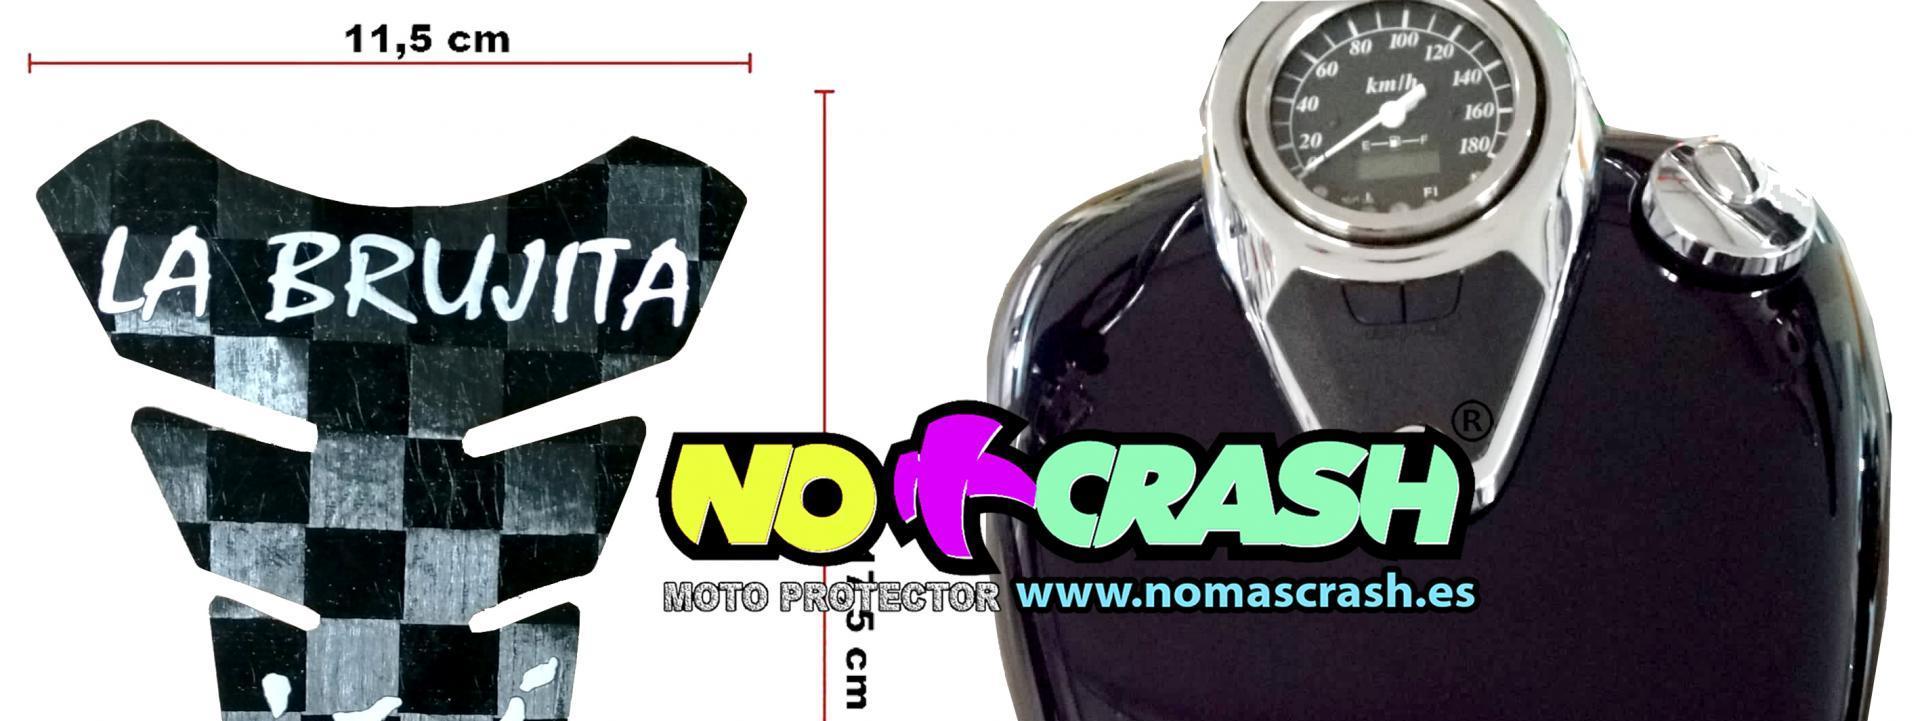 NO+CRASH MOTO PROTECTOR